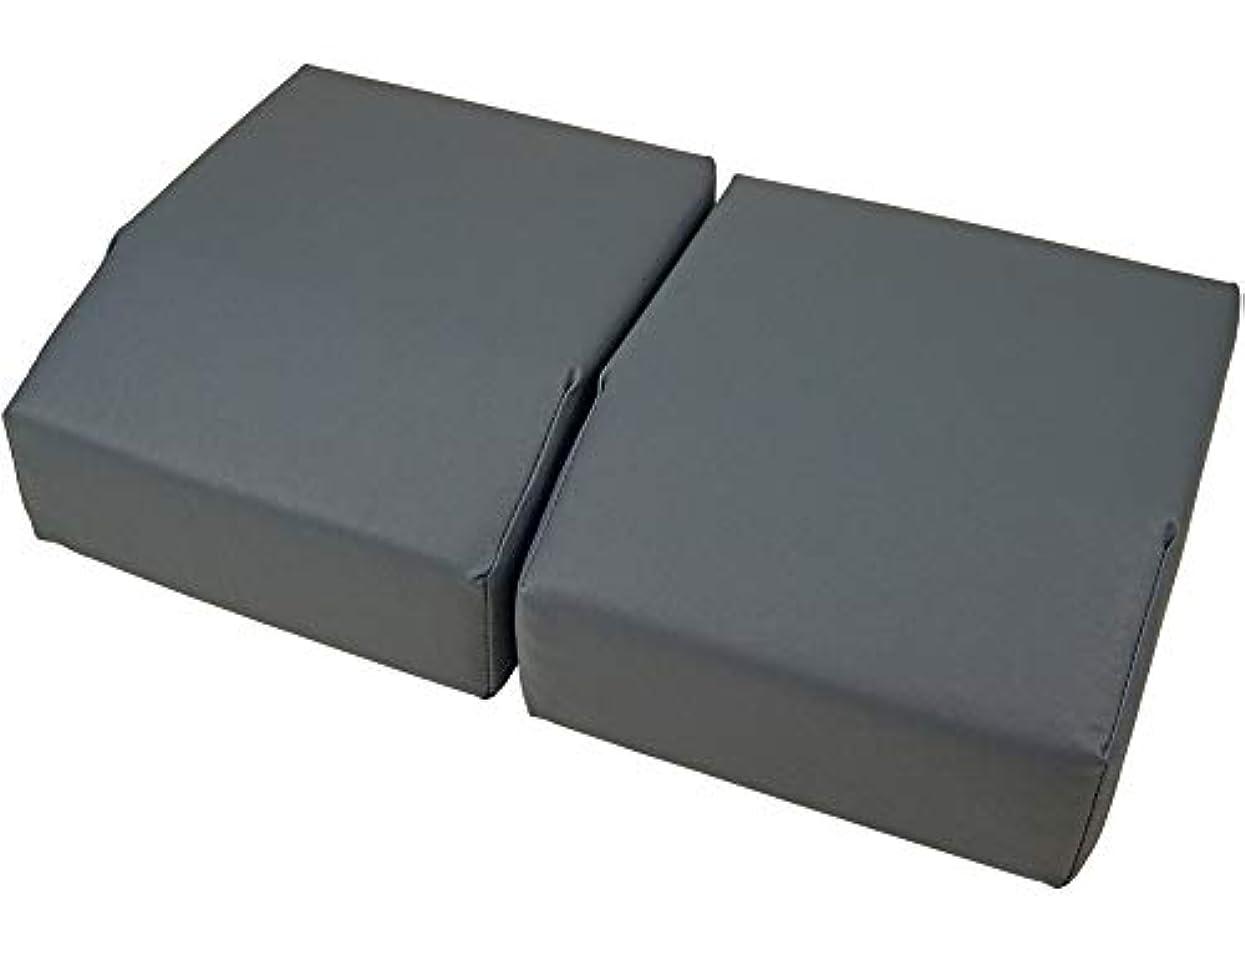 満足できる寛容な降下足置きクッションボディークッション 用 オプション 足置き クッション ベルクロ で連結が可能